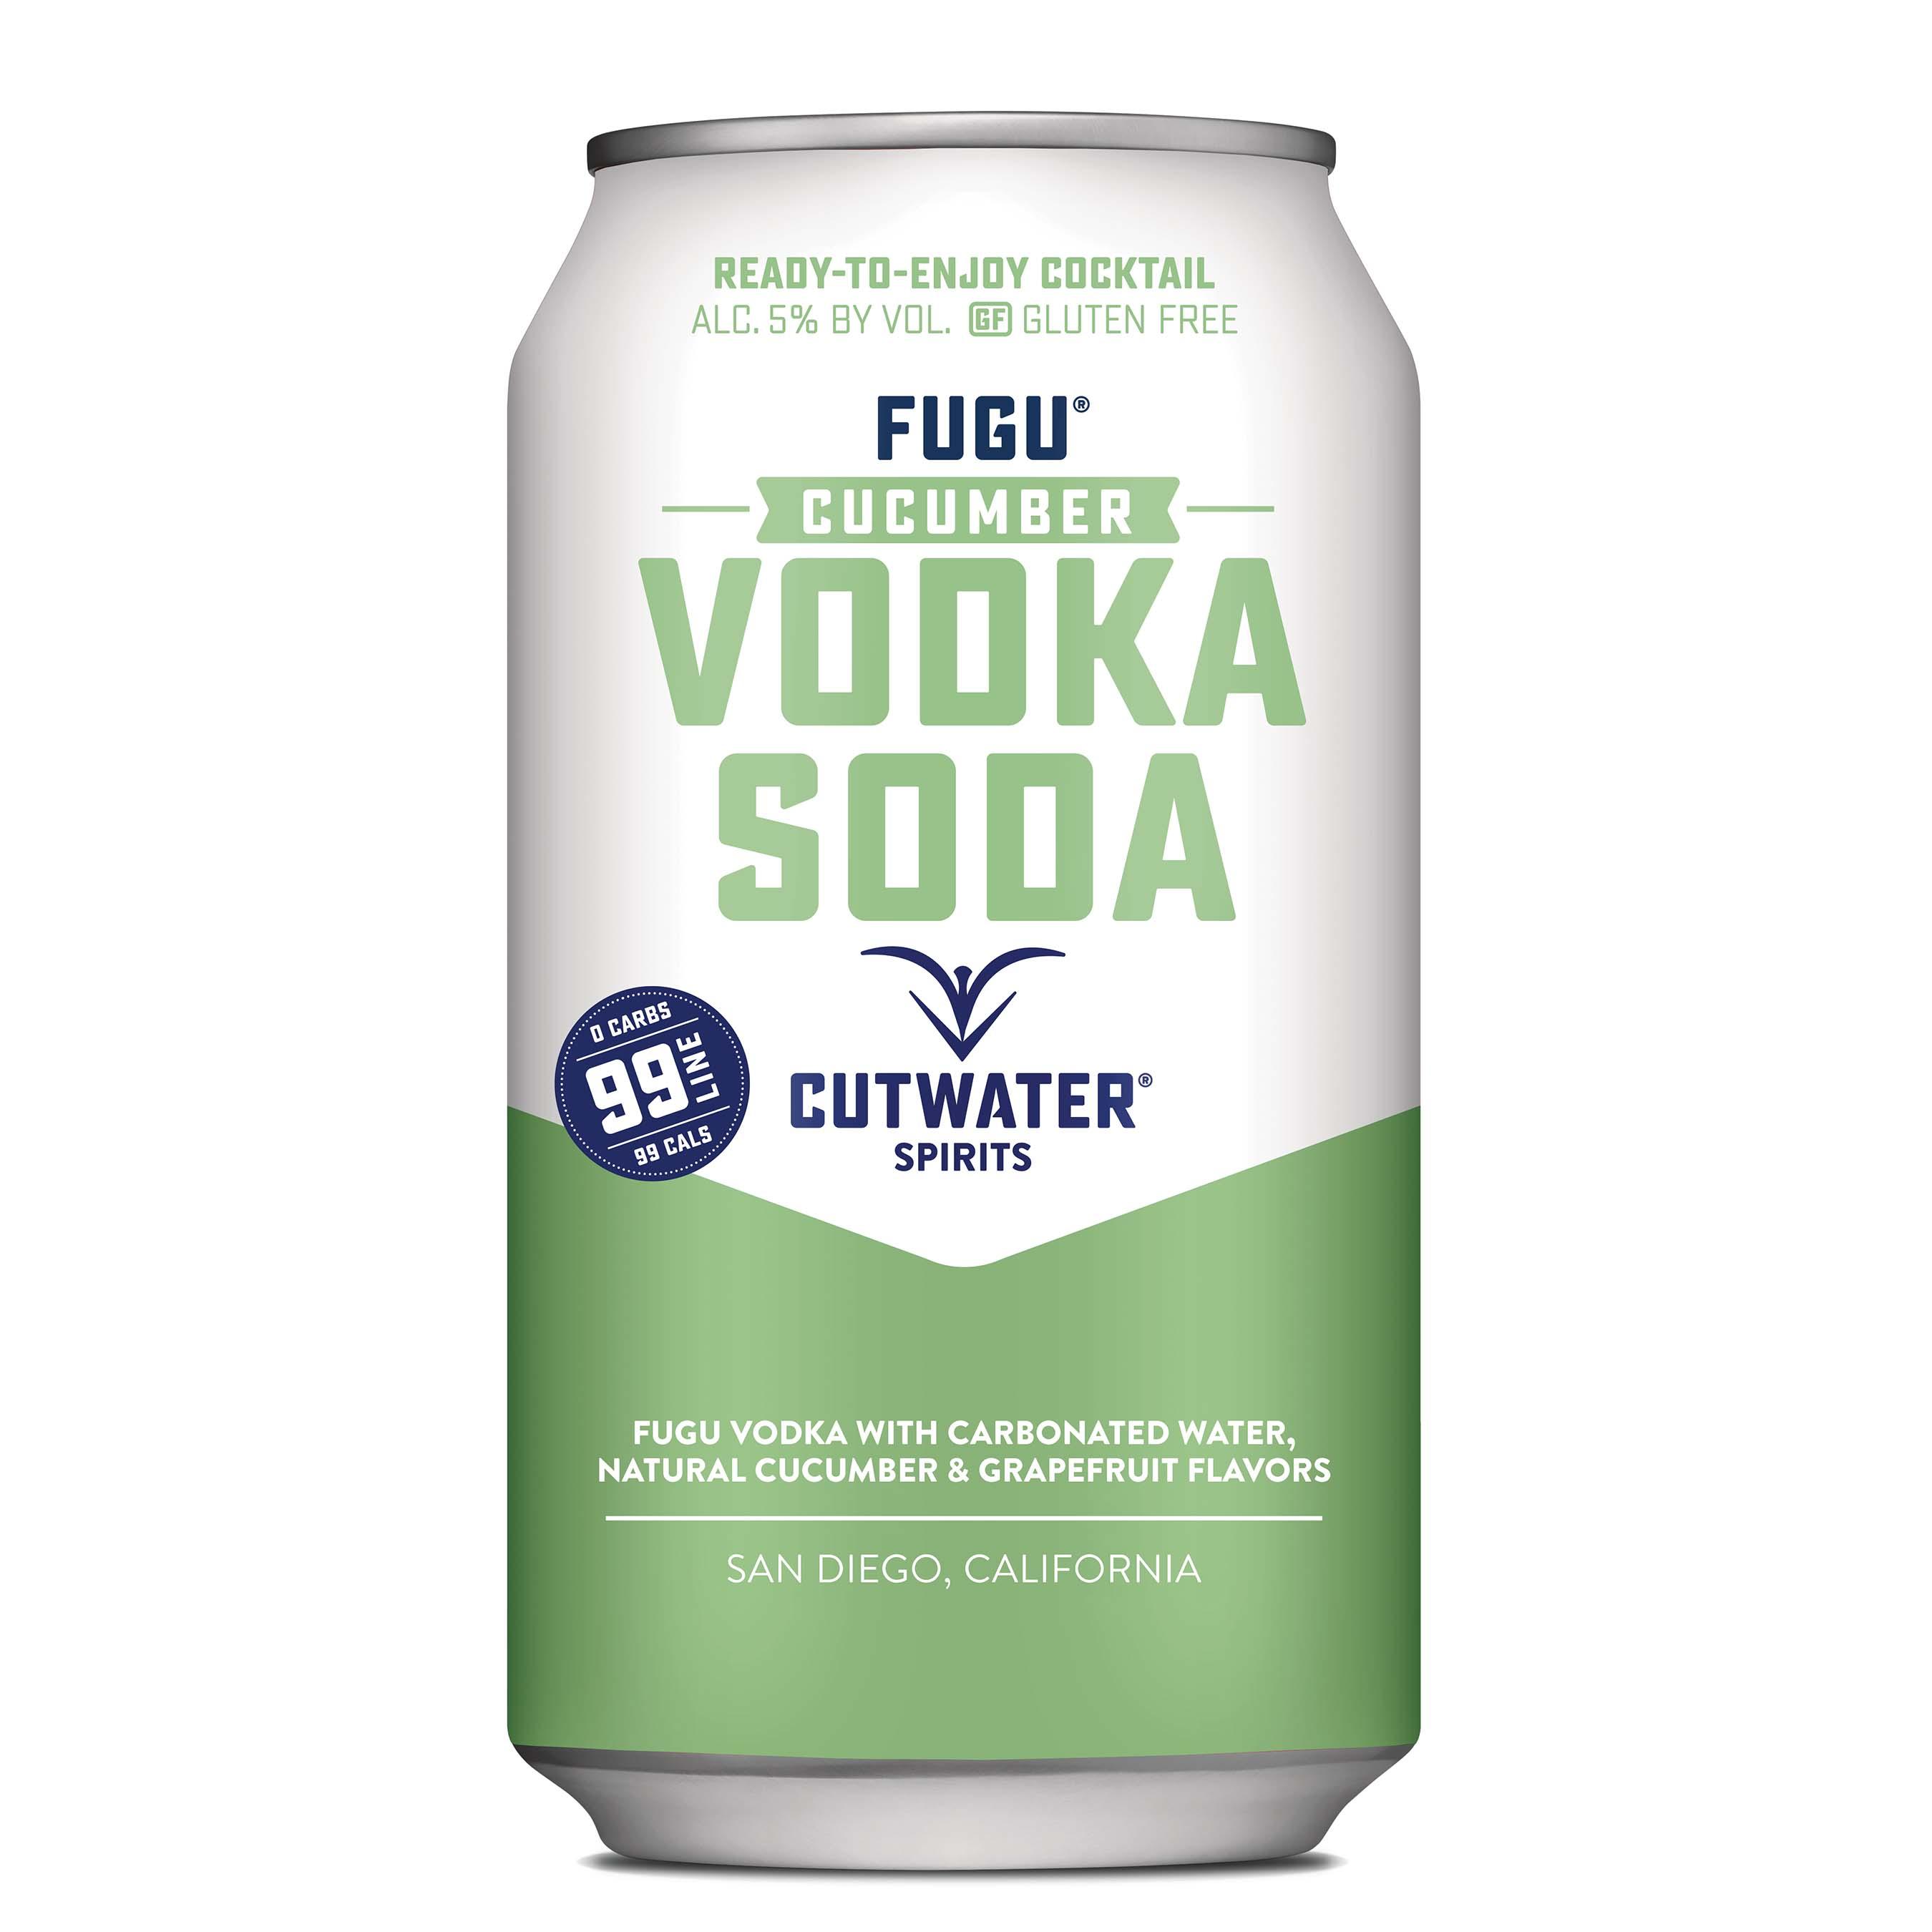 Cutwater, Cucumber Vodka Soda